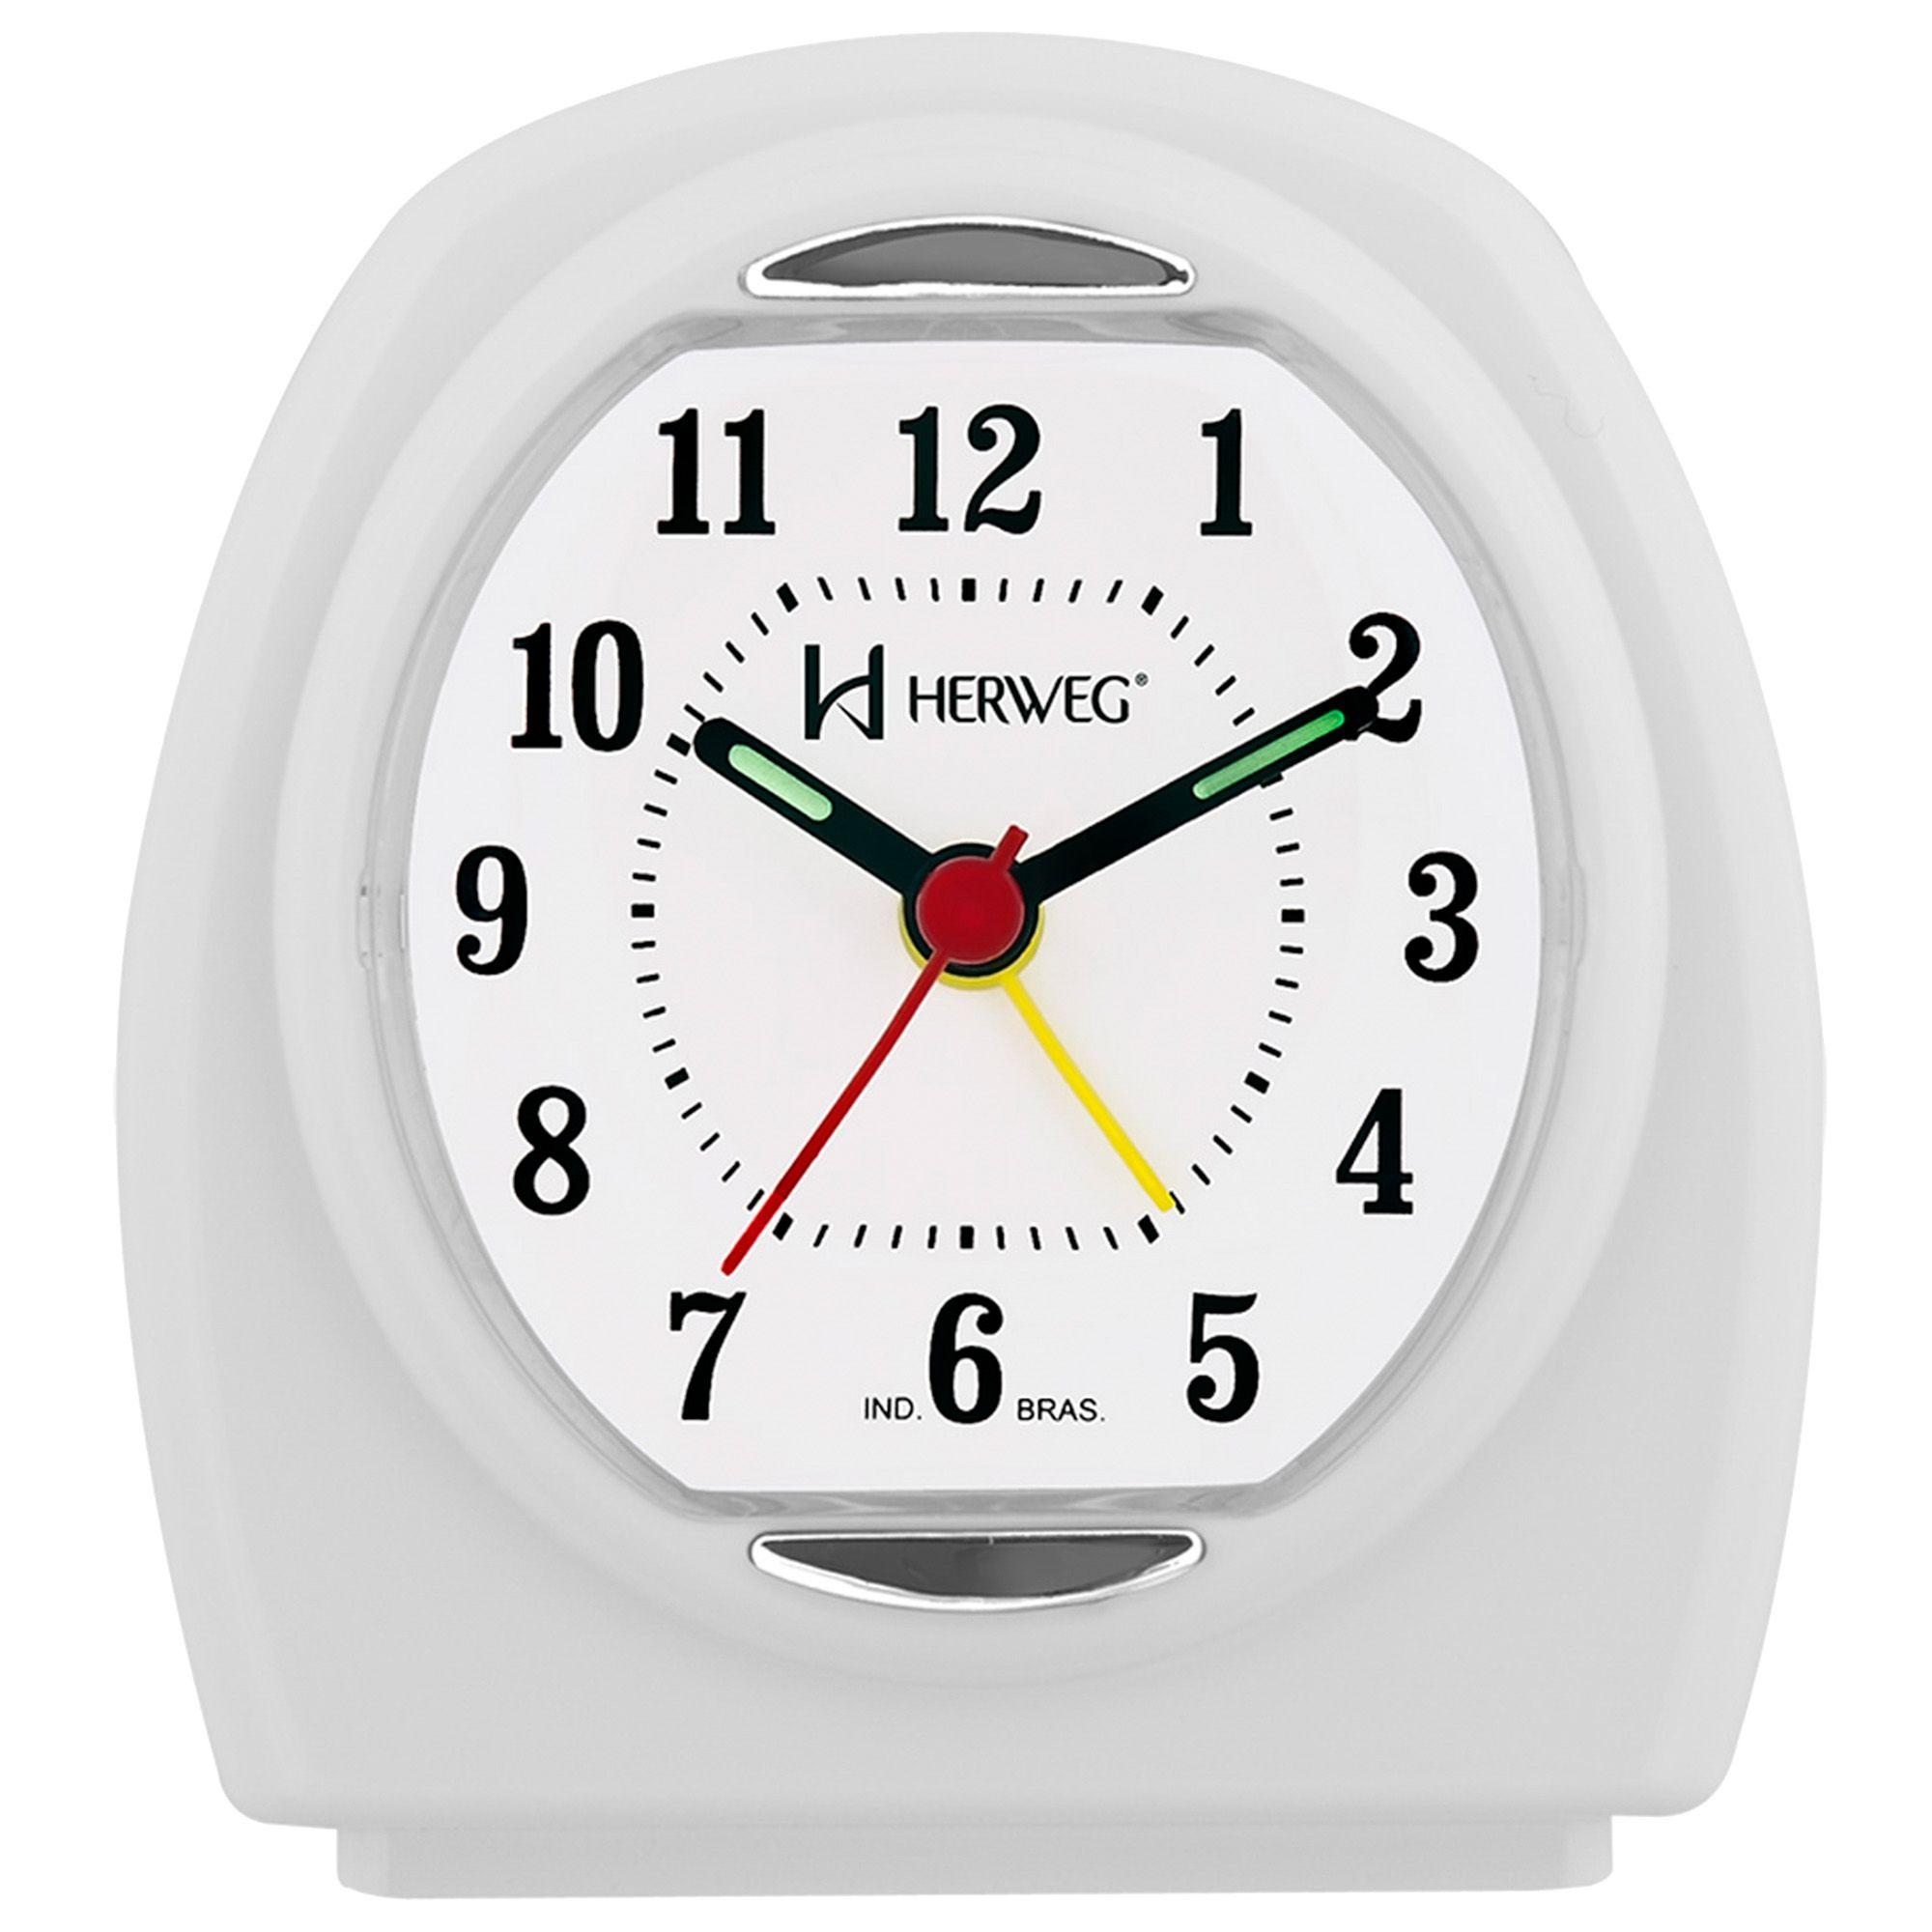 Despertador Analógico Quartzo Herweg 2633 021 Branco